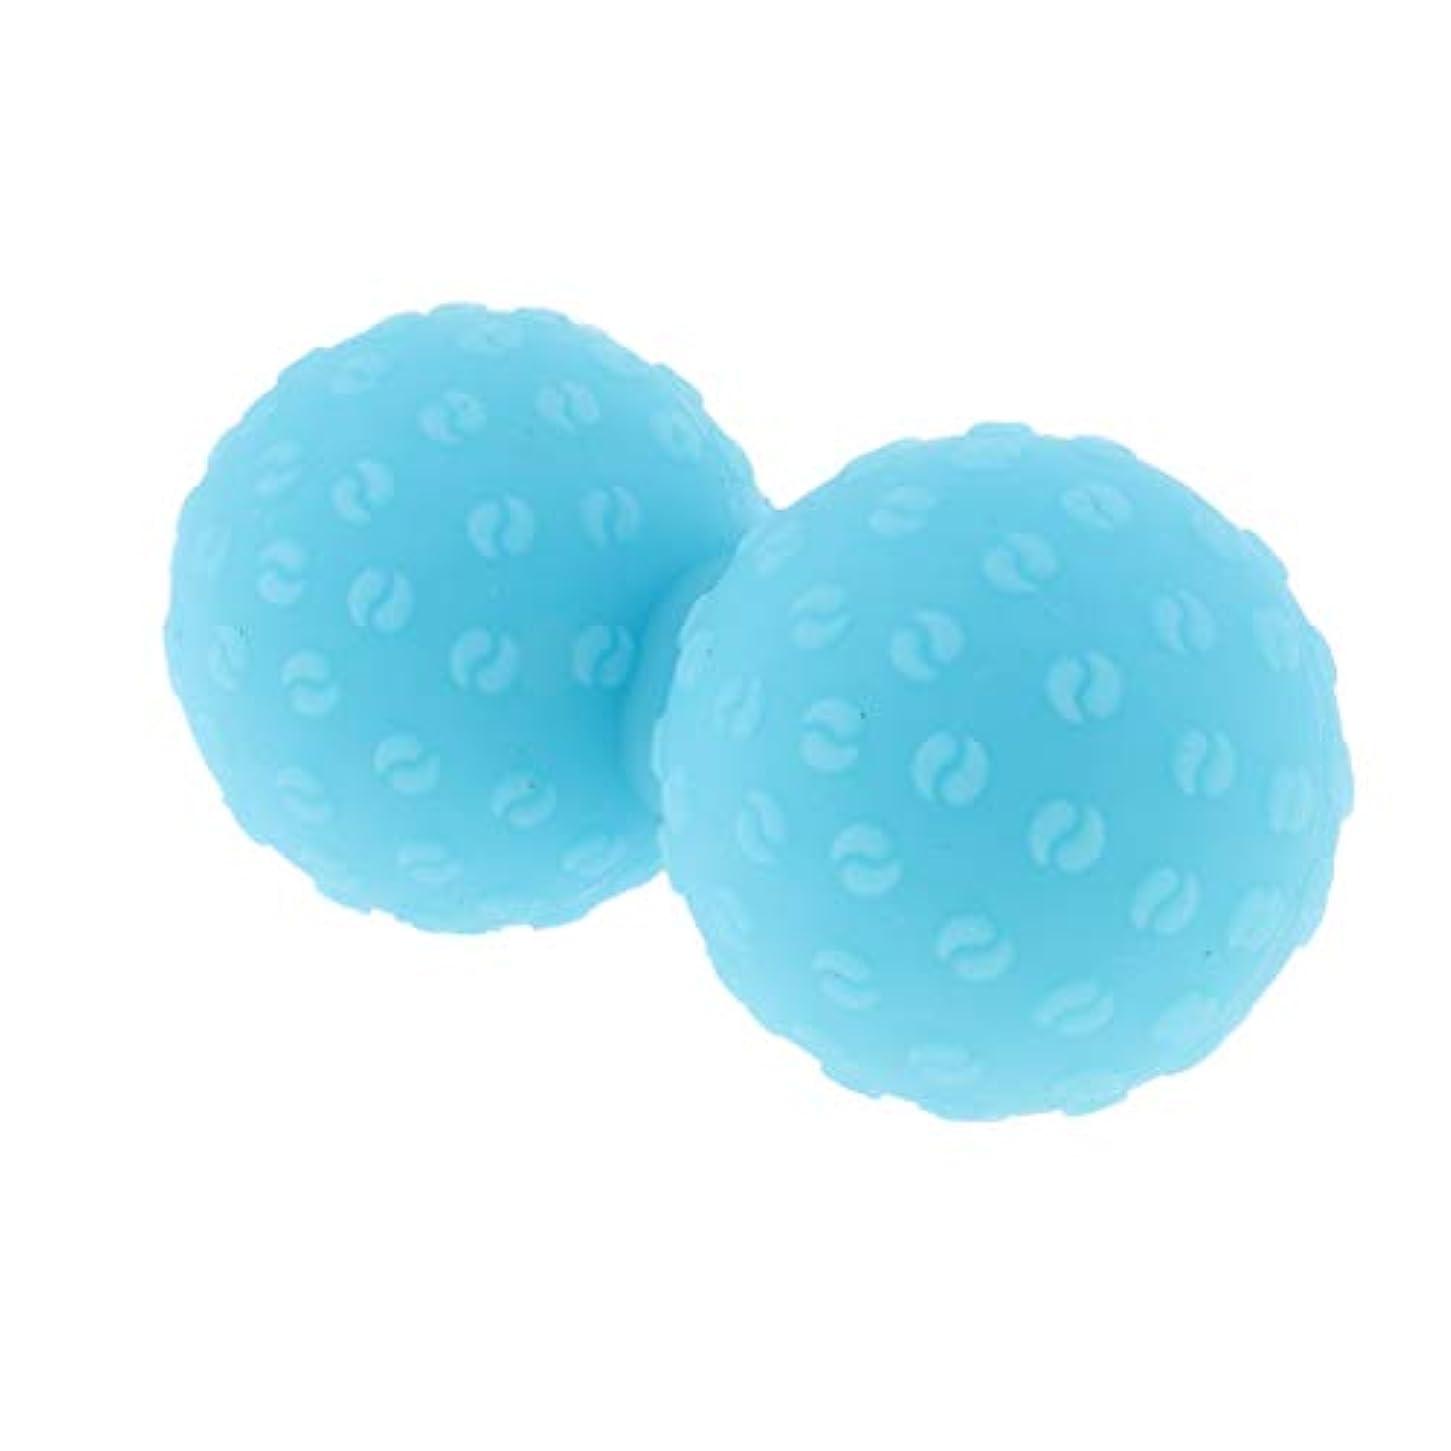 節約フォーラムリングレットシリコンマッサージボール 指圧ボール ピーナッツ トリガーポイント ツボ押しグッズ ヨガ 全6色 - 青, 説明のとおり